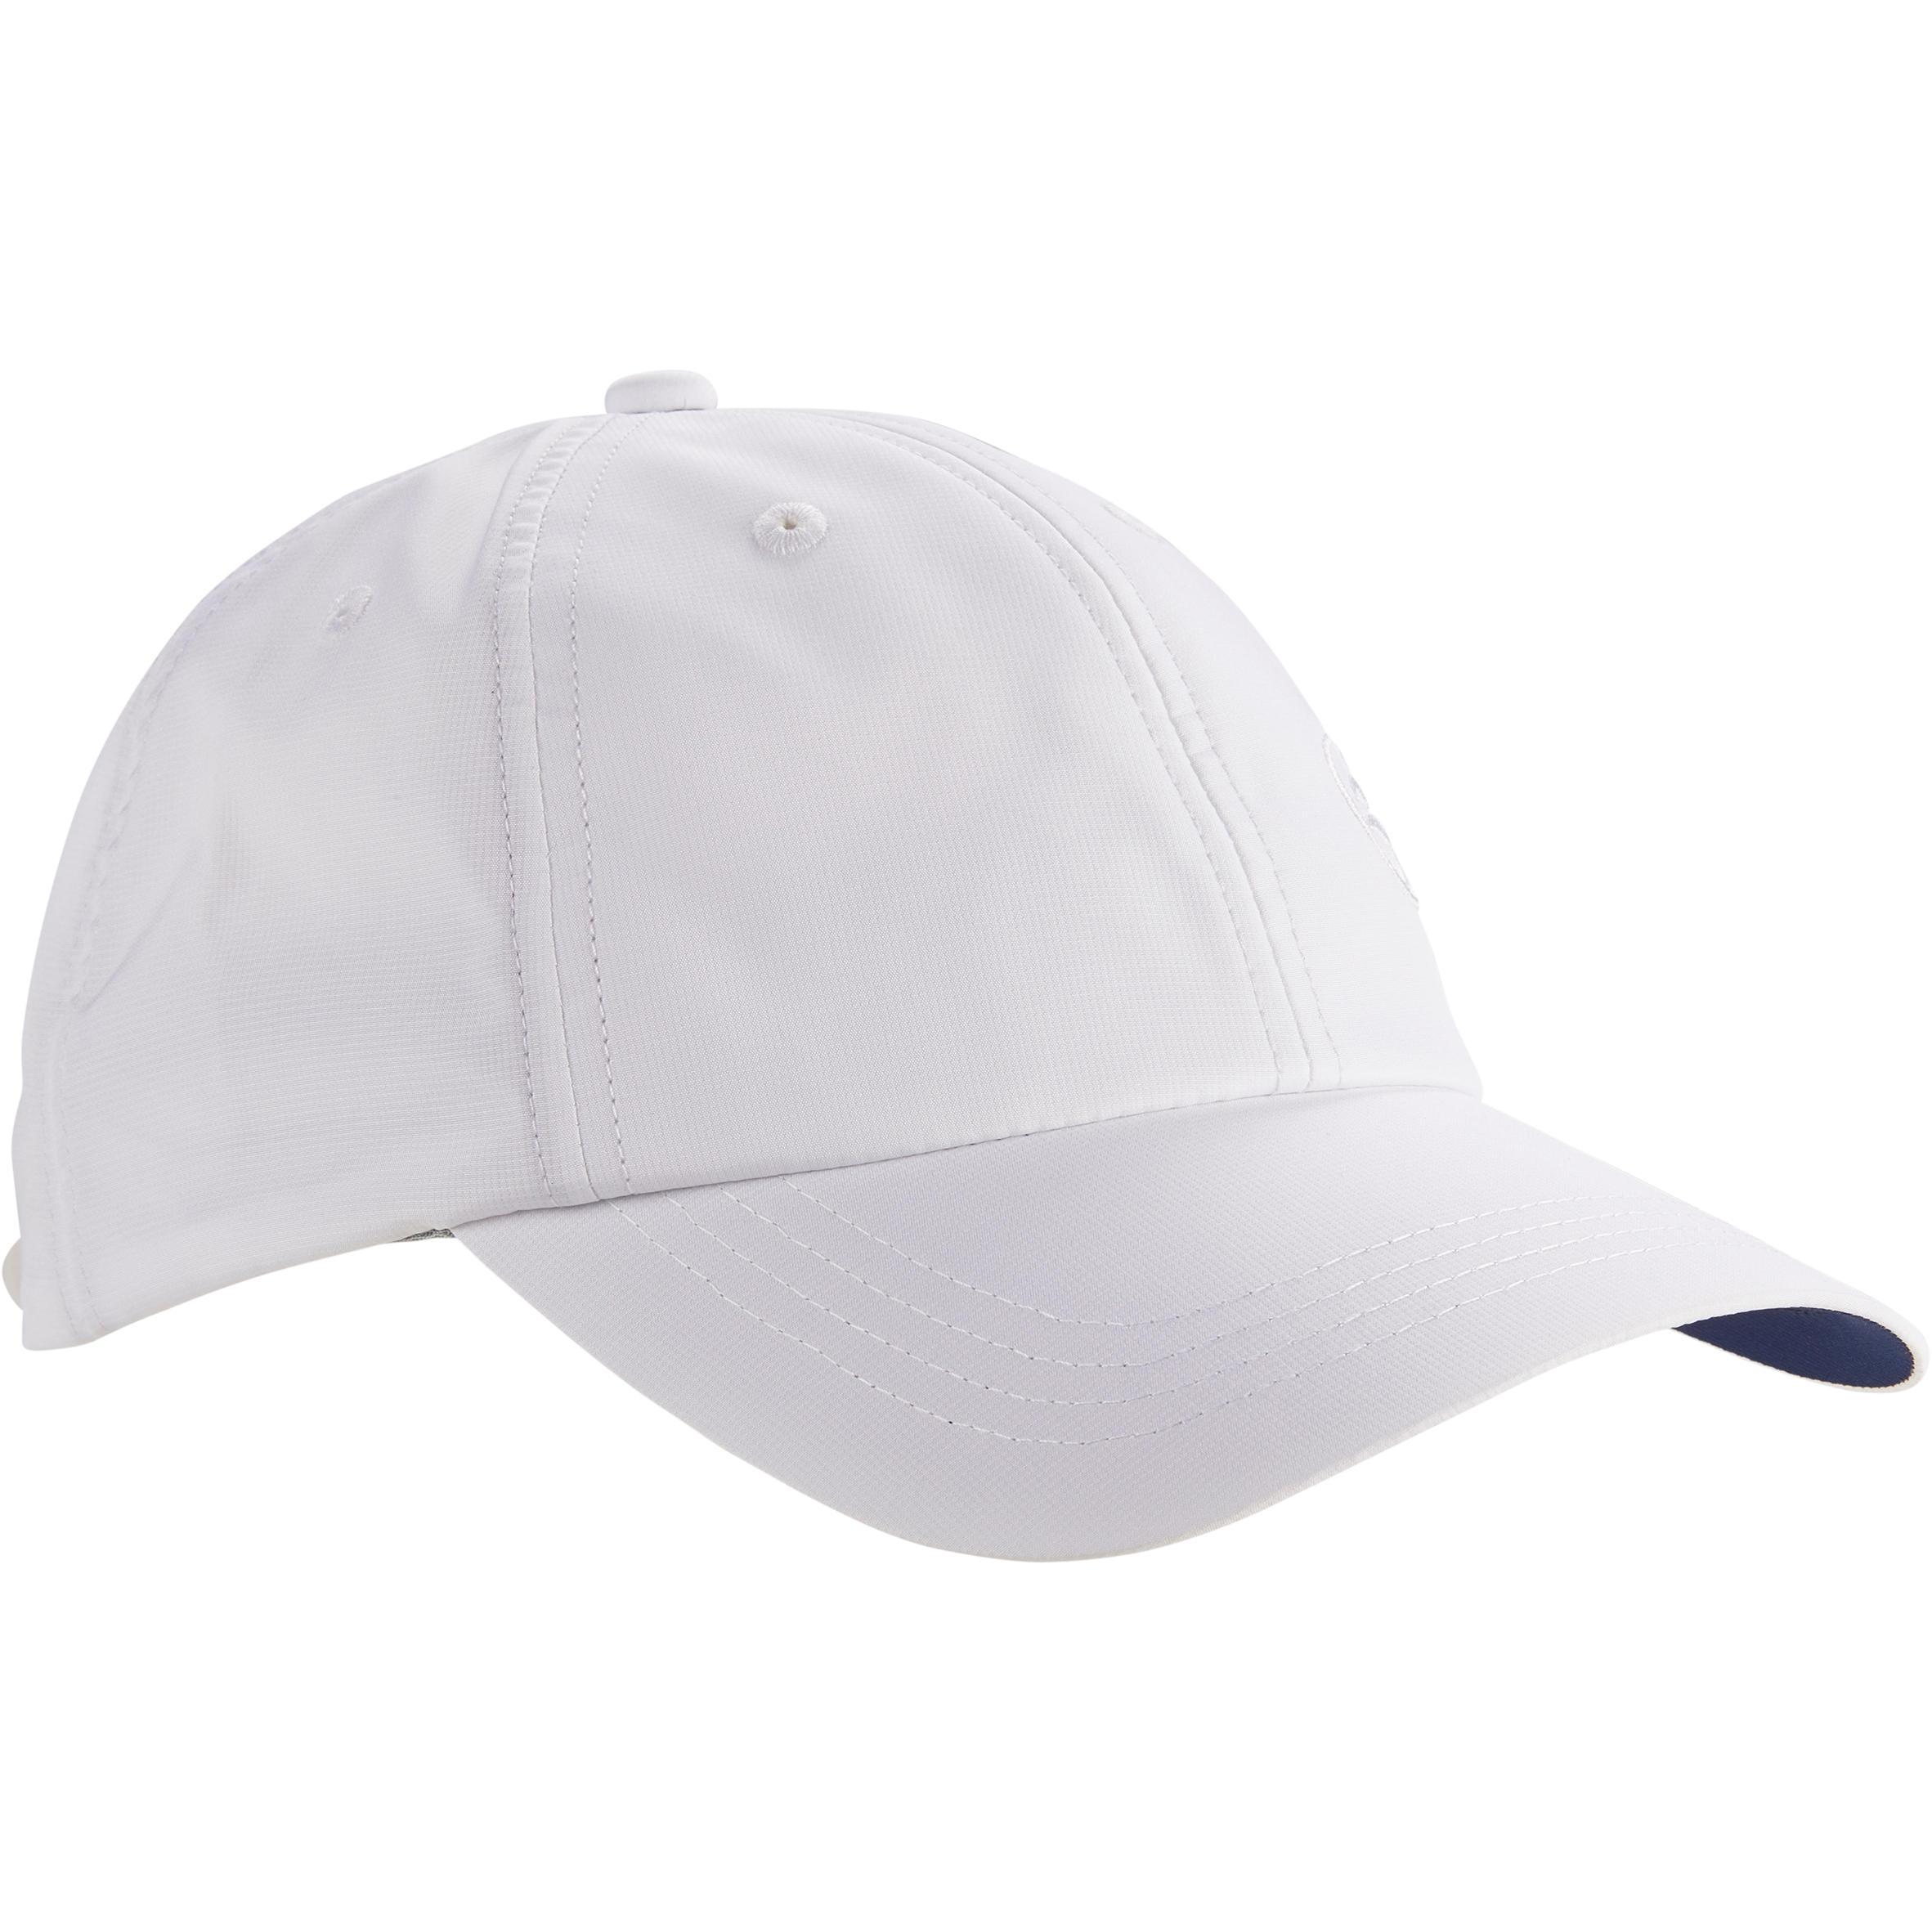 Gorra de golf para adulto - blanco